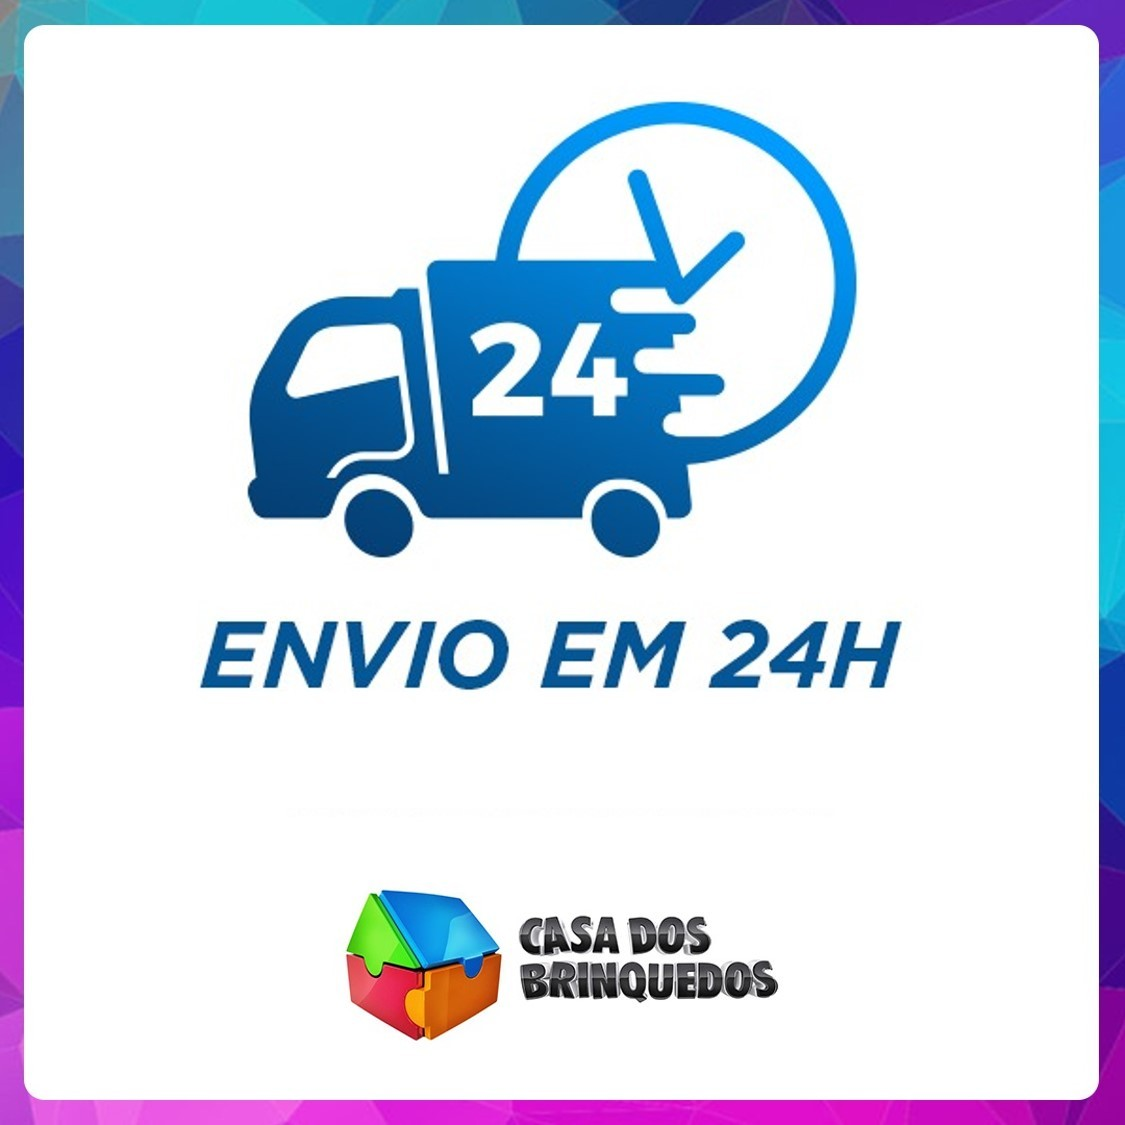 MOTO SPORT WASH GARAGE AMARELO 460 USUAL BRINQUEDOS